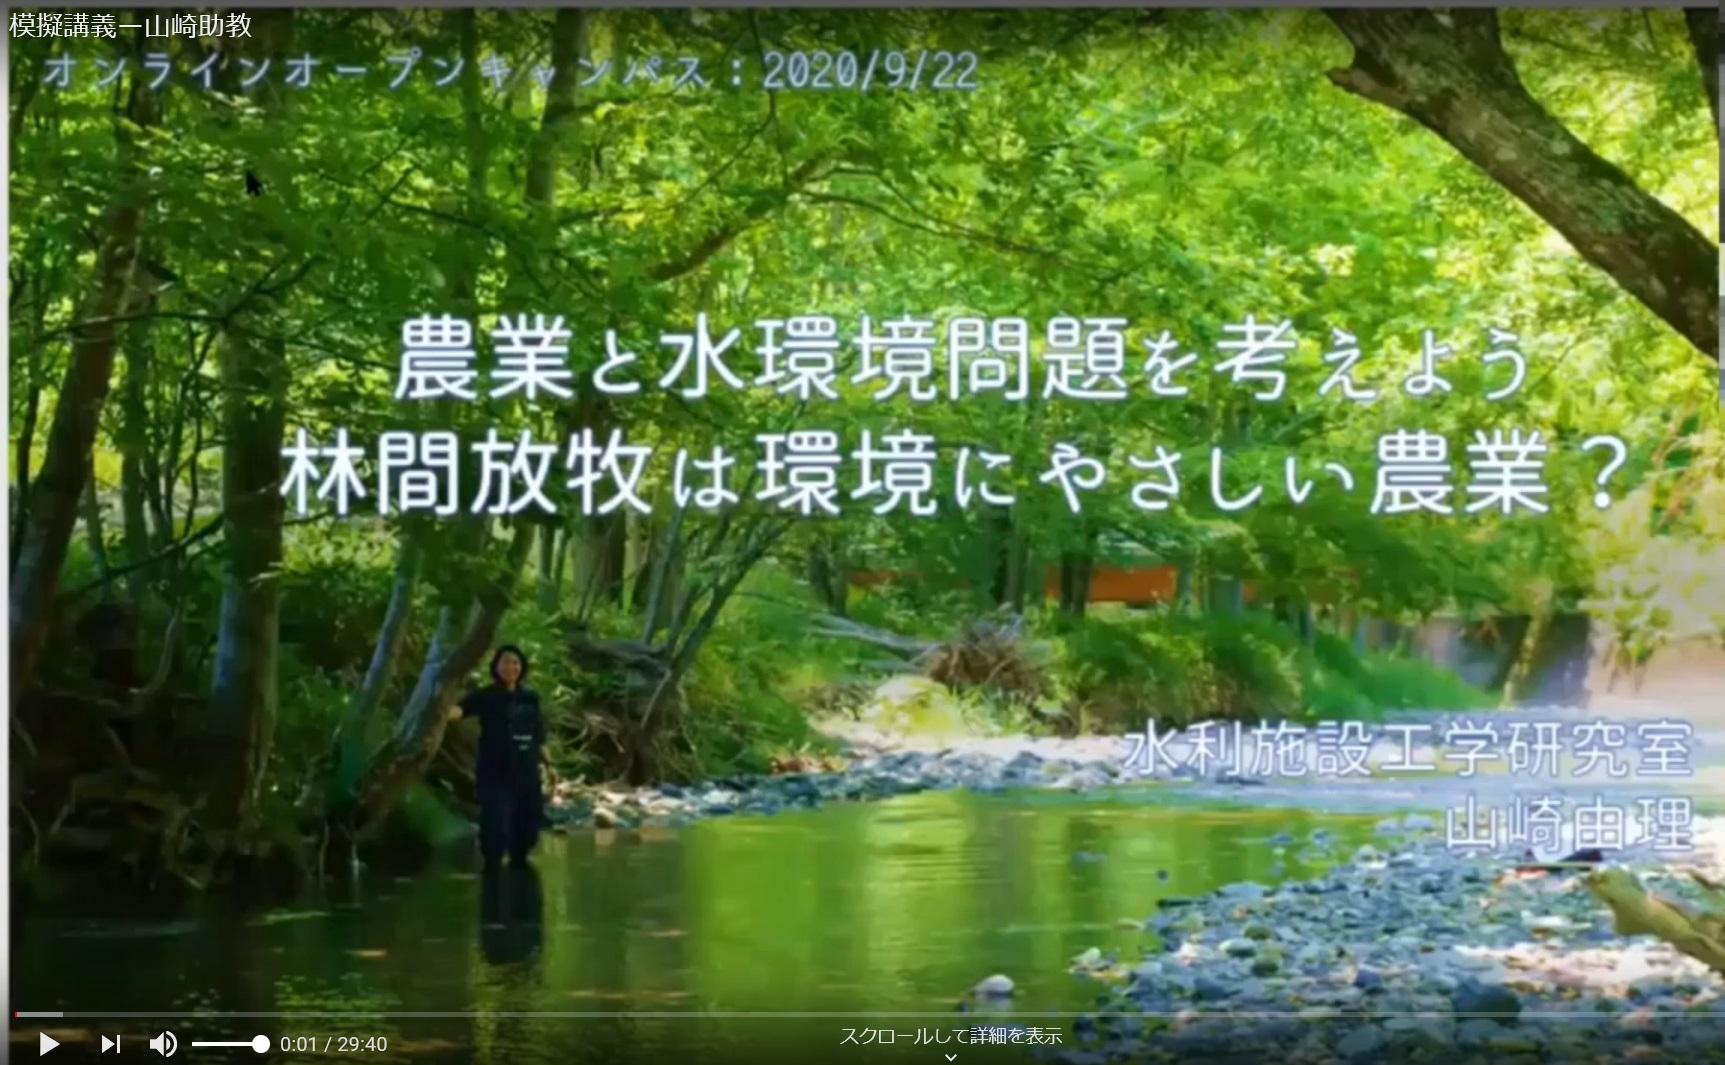 山崎由理 助教 【農業と水環境問題について考えよう―林間放牧は環境にやさしい農業?―】